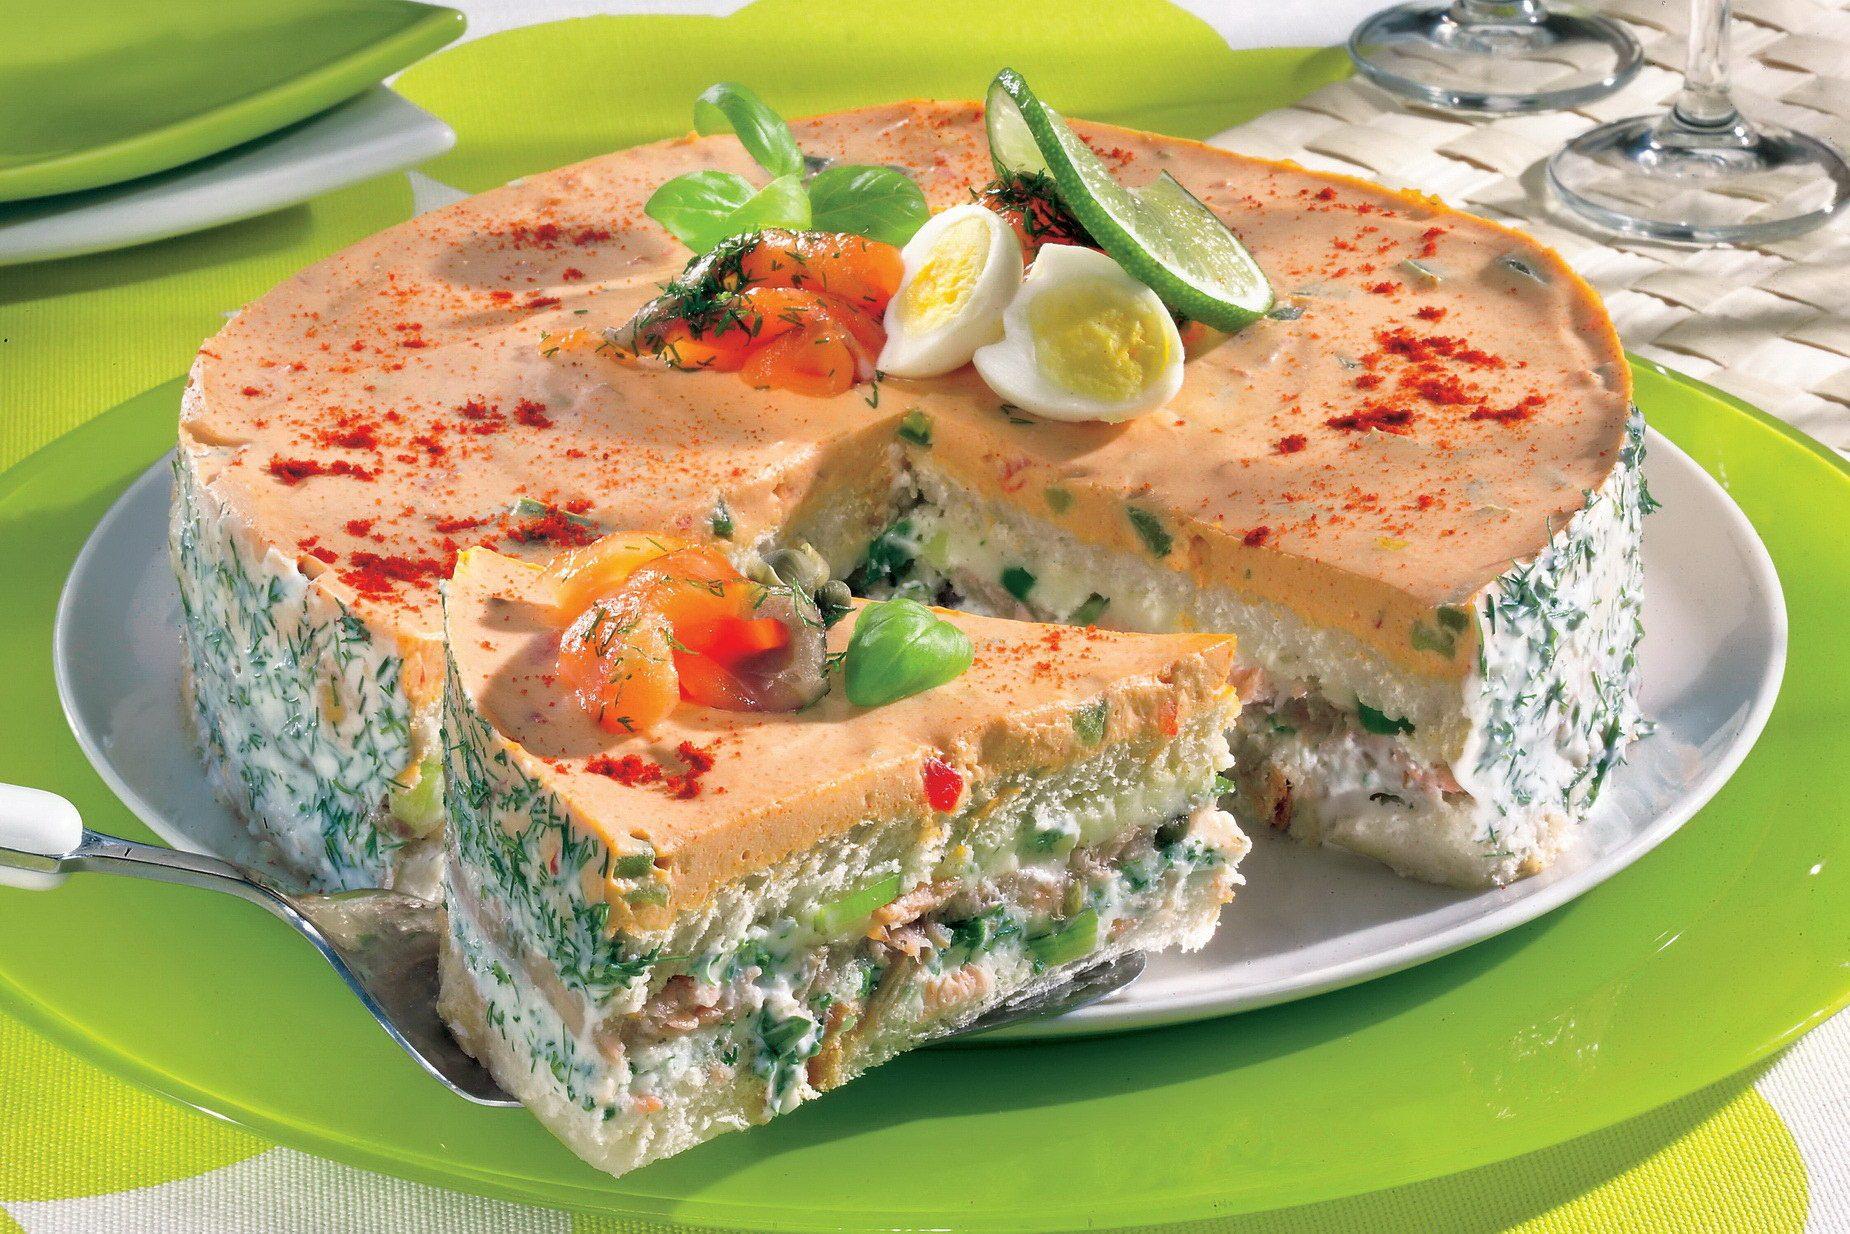 Новогодний стол - быстрые и простые рецепты для дома на любой вкус: отзывы, время готовки, калории, супер-поиск, личная кк.